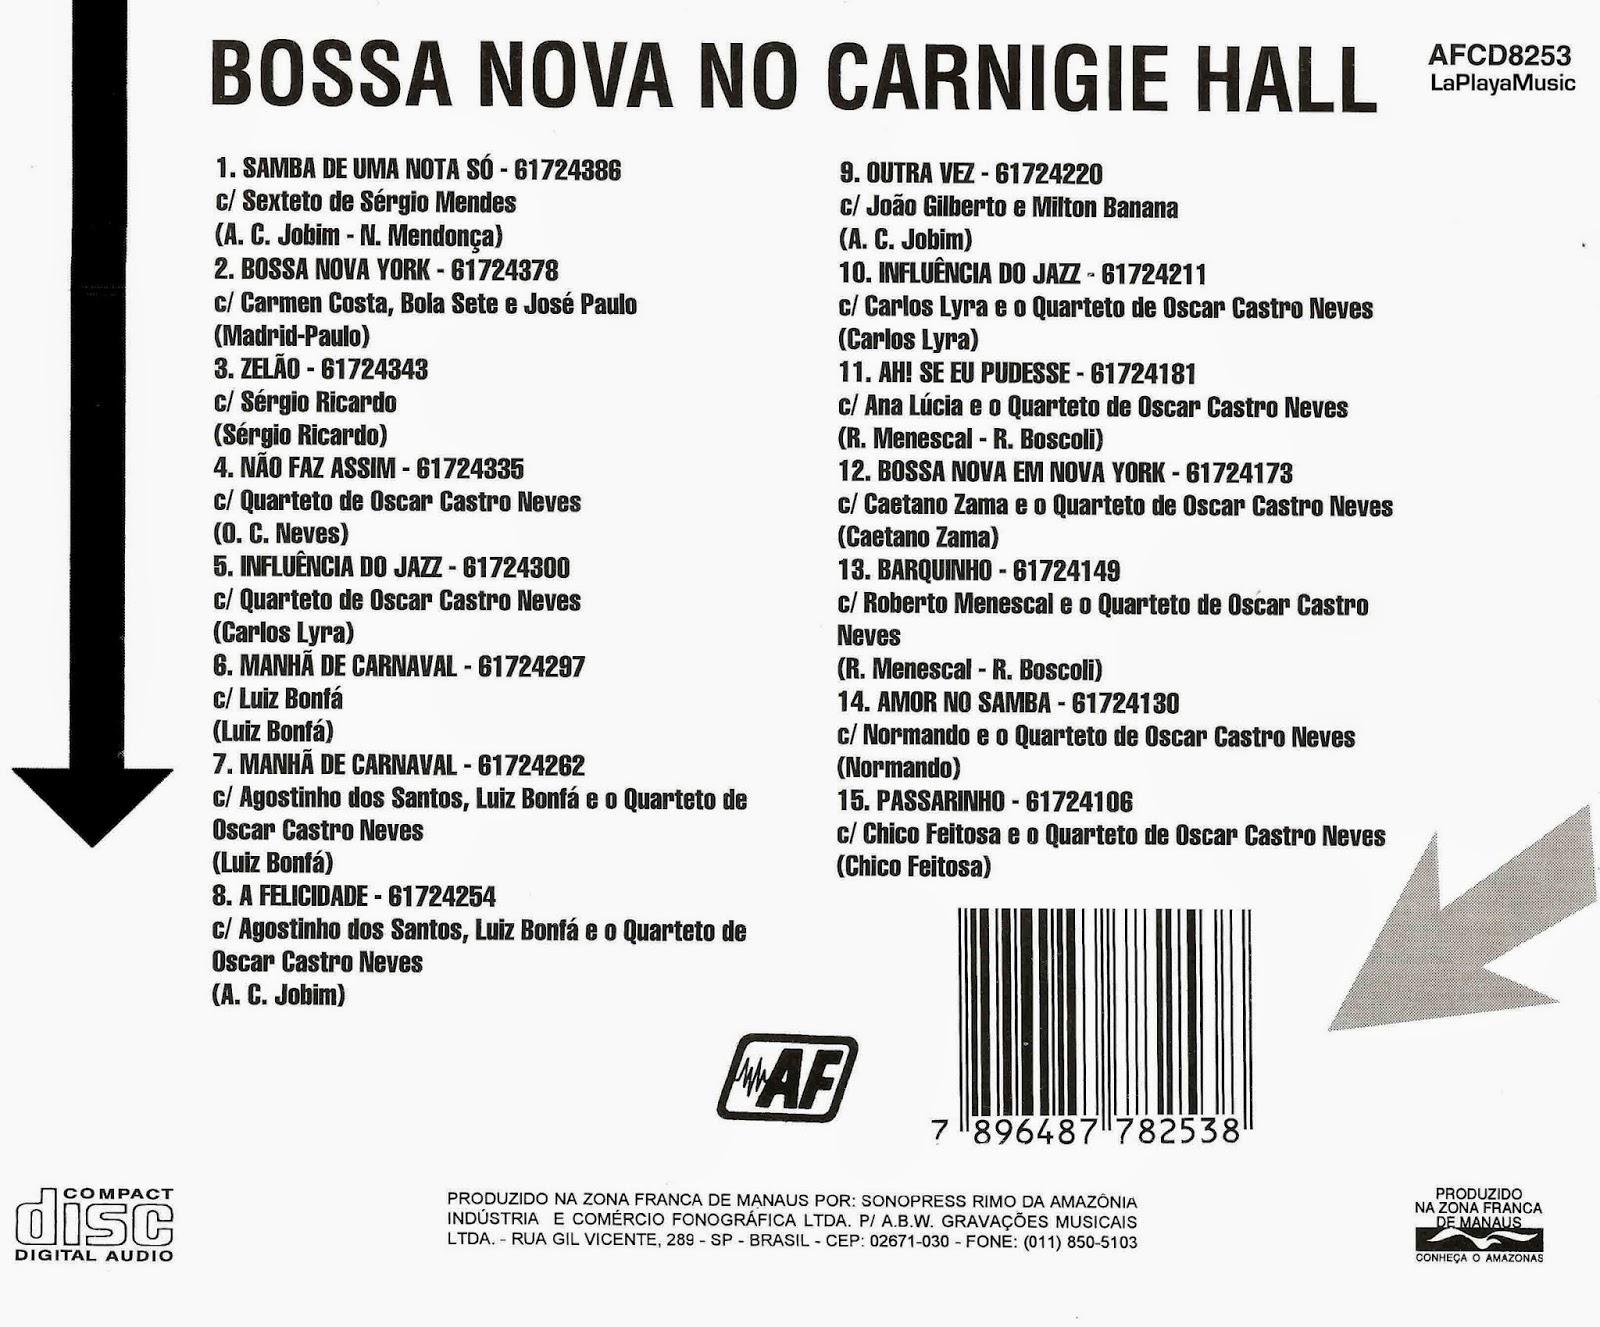 La Playa Music Oldies Bossa Nova At Carnegie Hall 1962